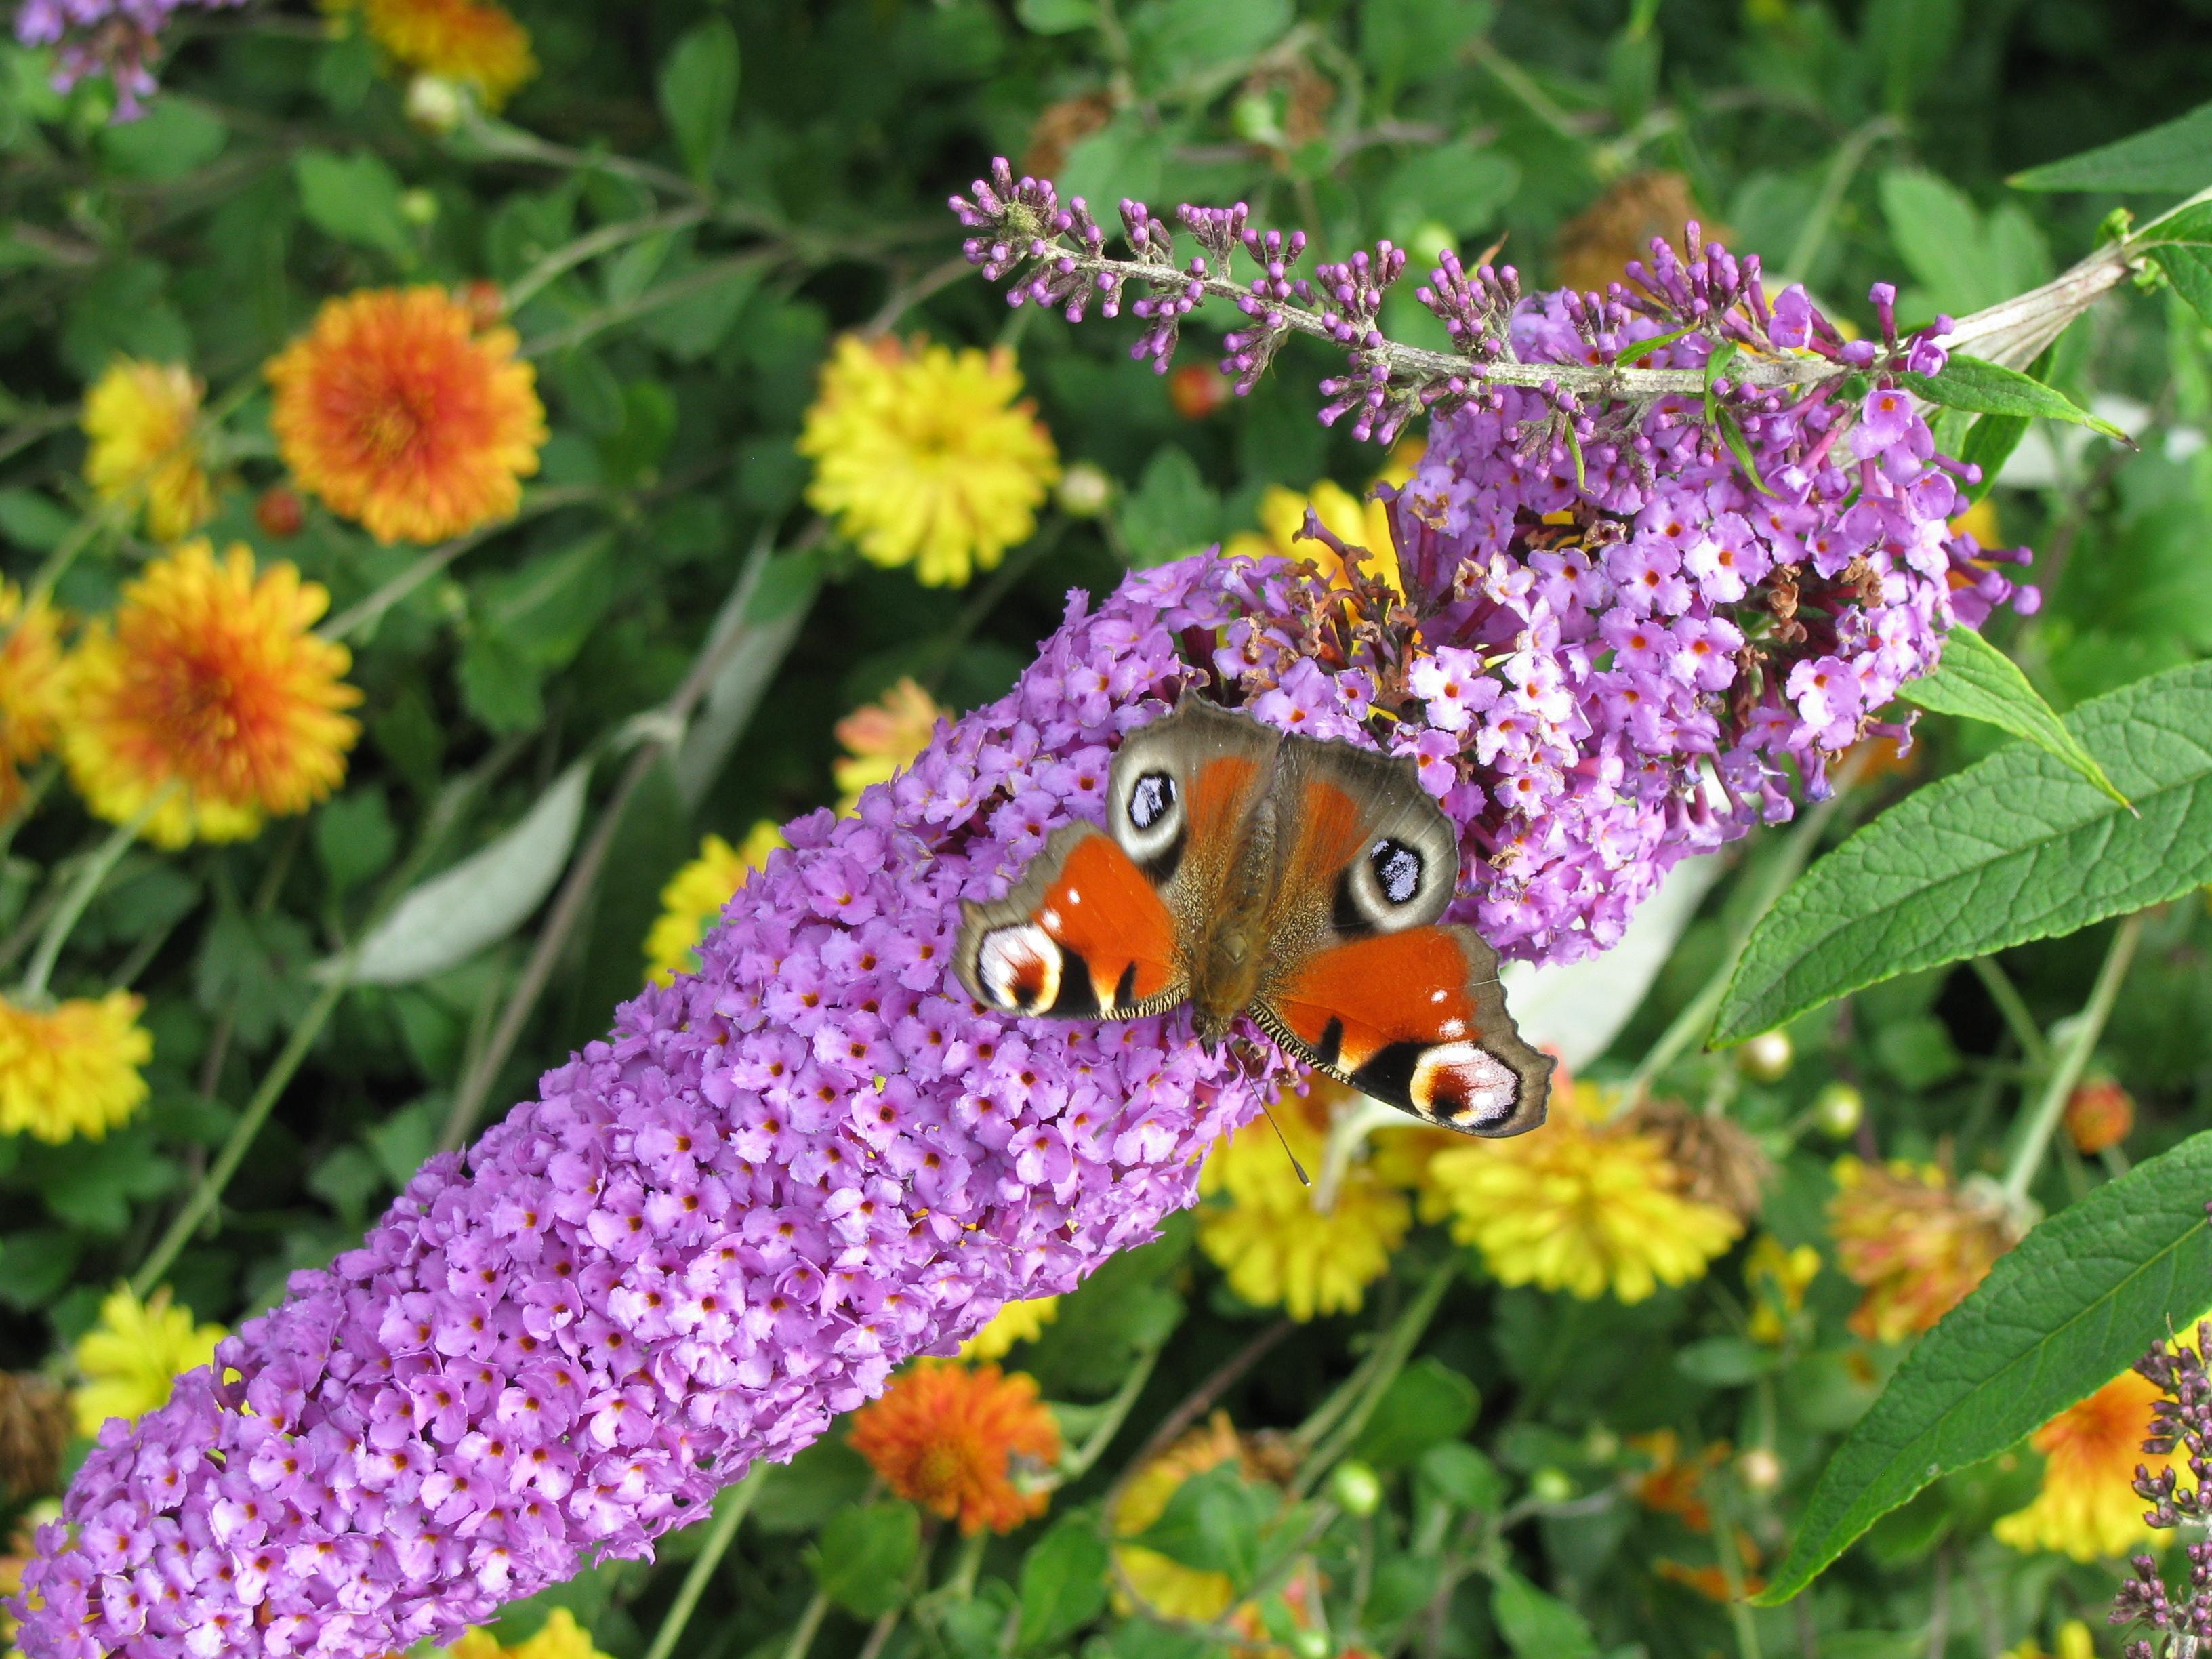 Ароматные соцветия пахнут гиацинтами и медом, привлекая к вам в сад много ярких бабочек!